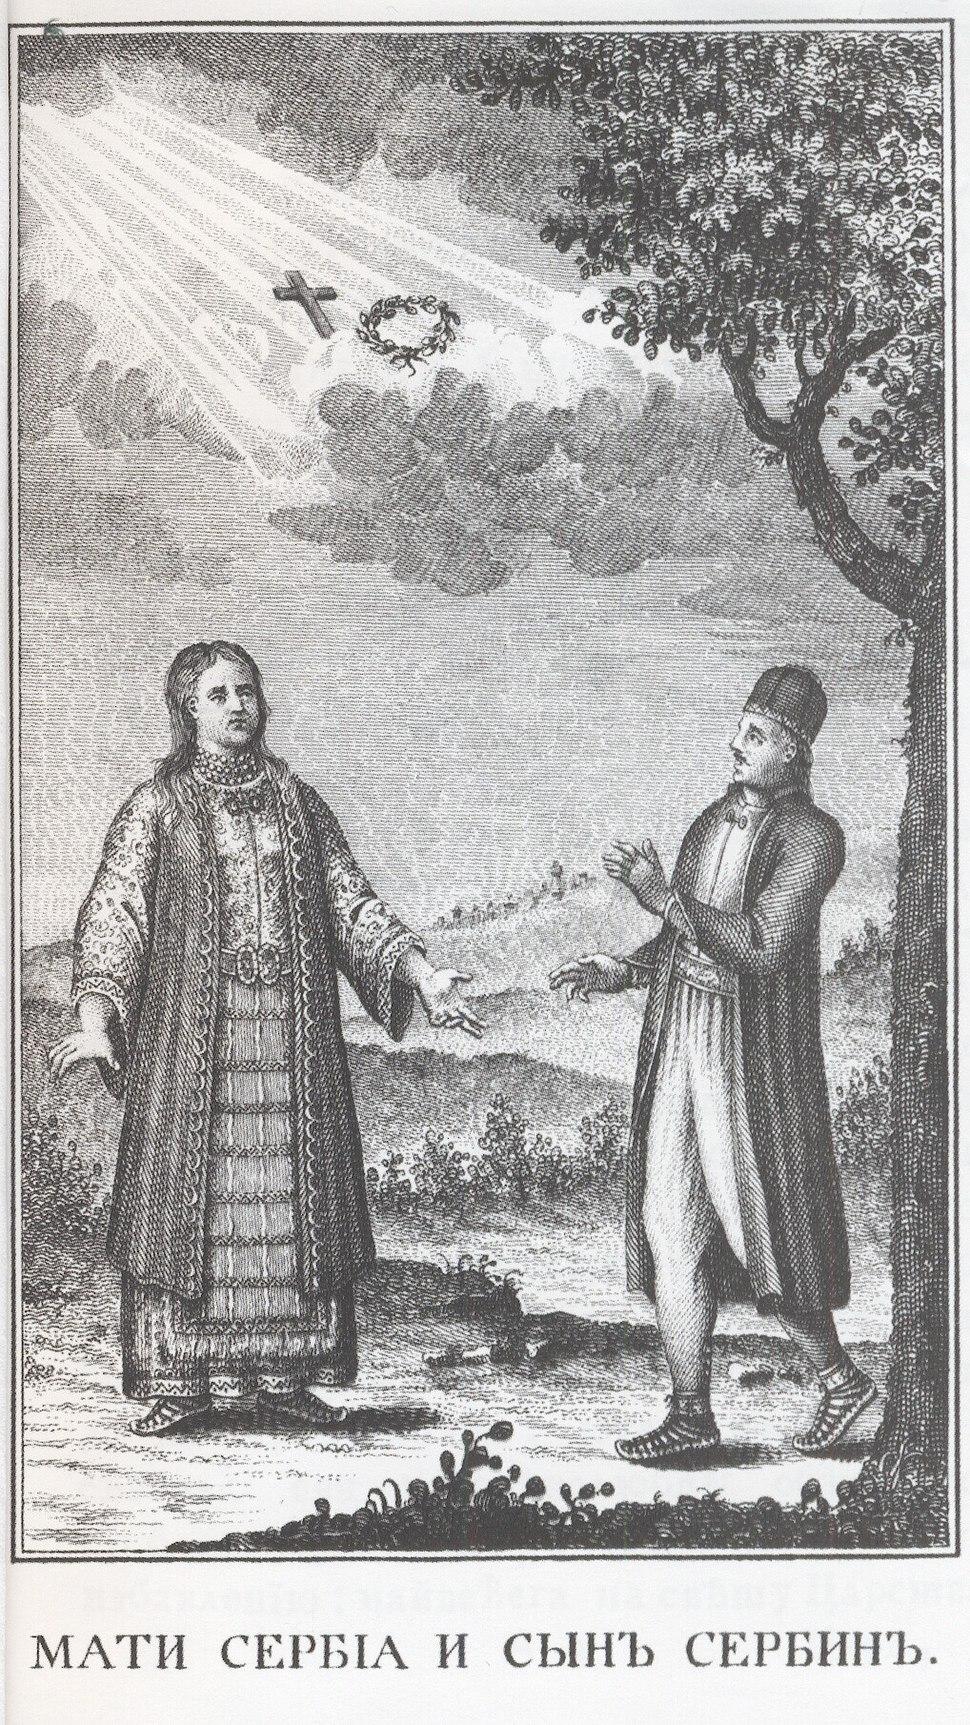 Mati Serbia i sin Serbin